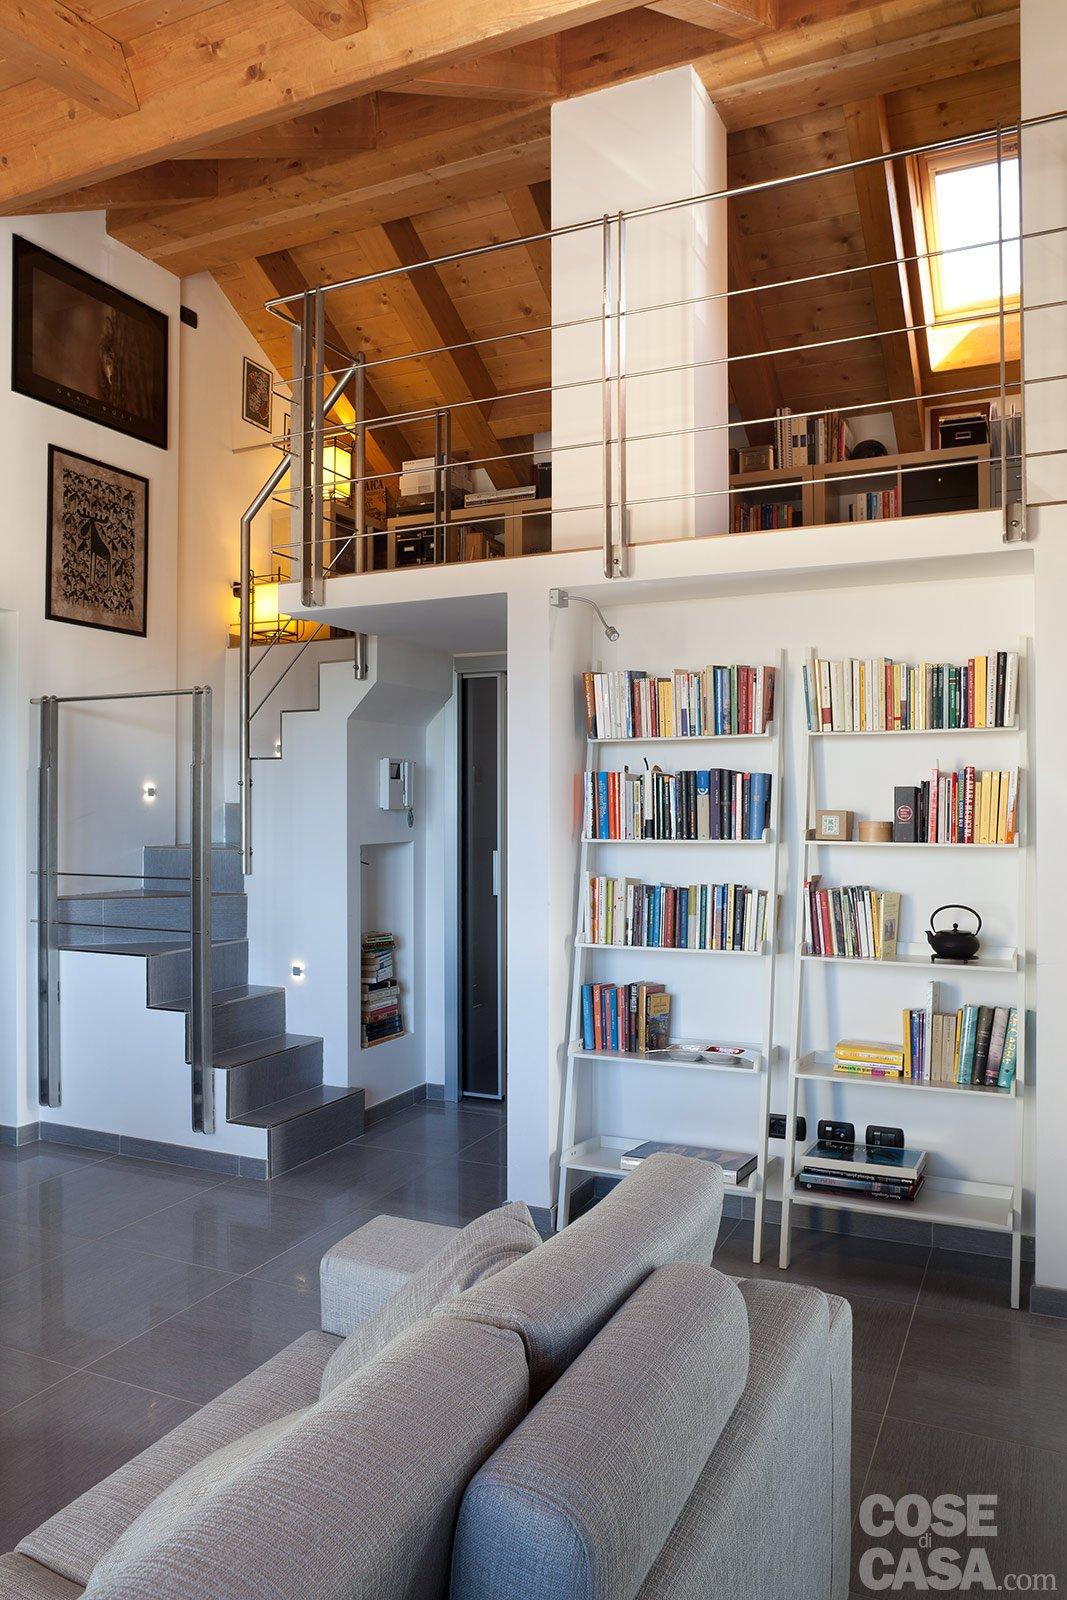 Casabook immobiliare marzo 2014 for Negozio di metallo con appartamento